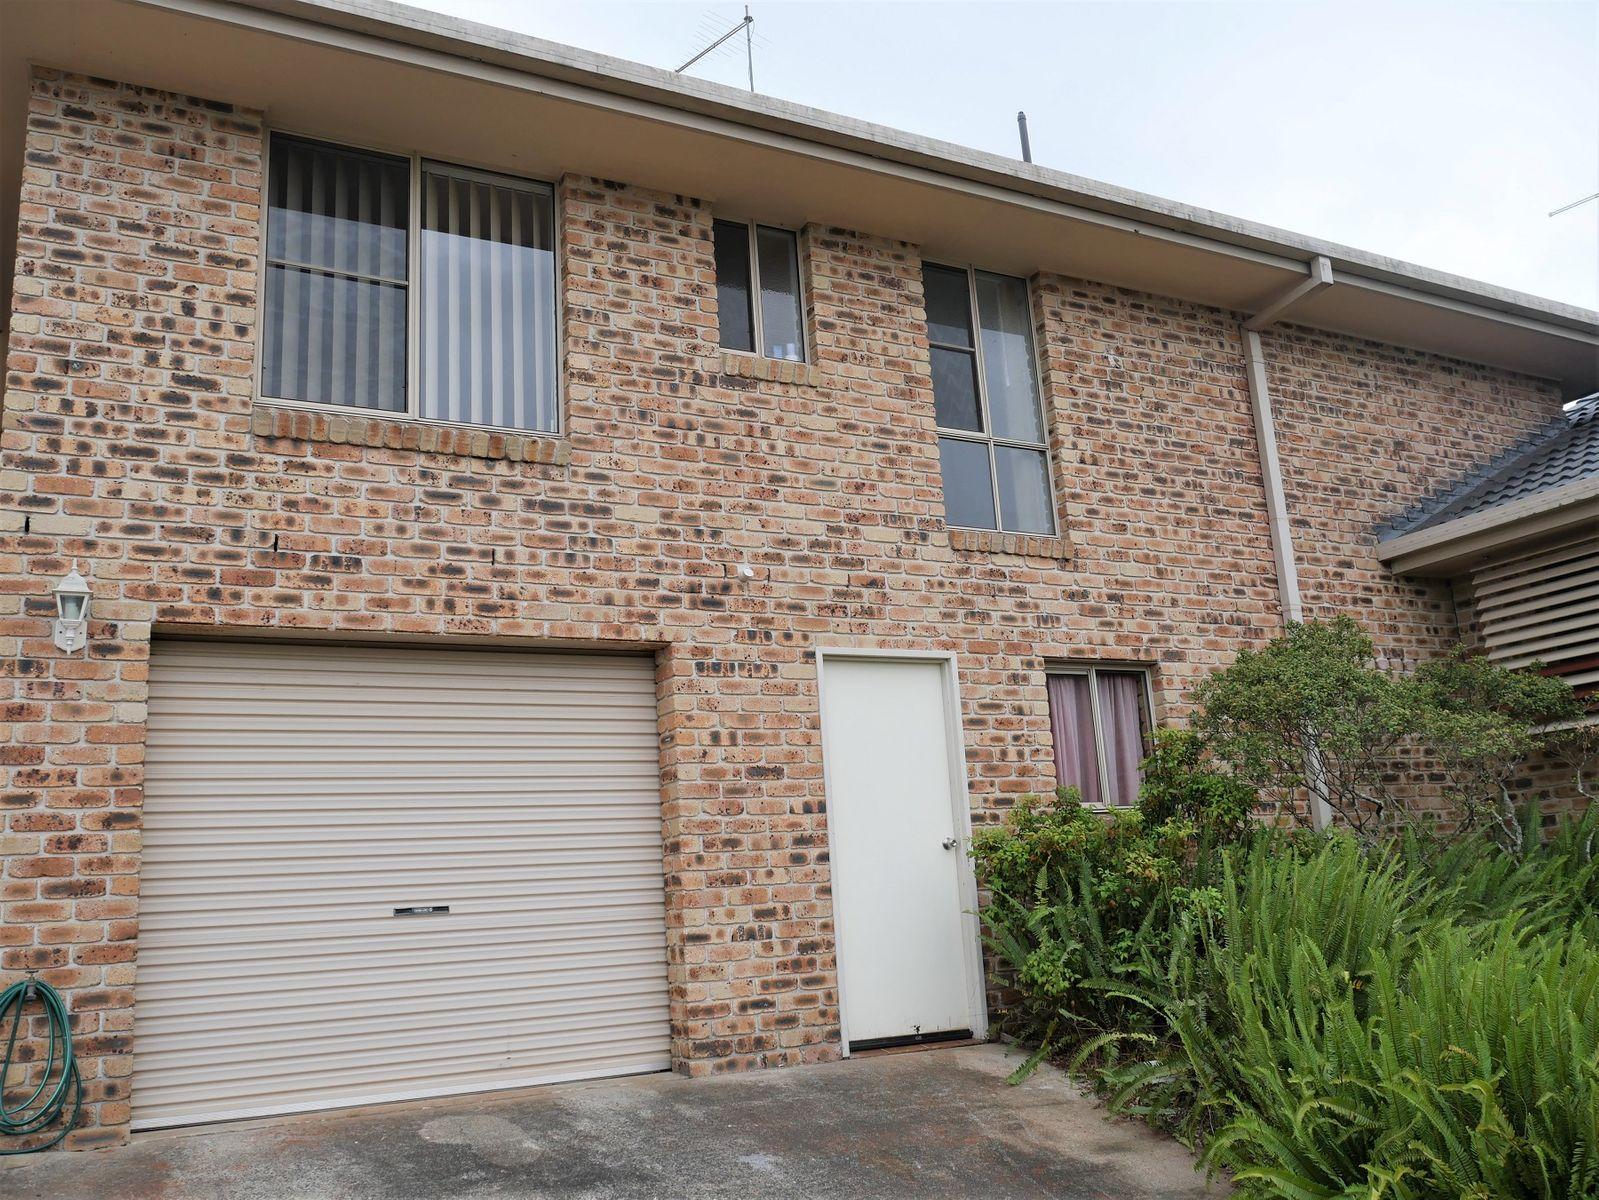 2/5 Erica Court, Goonellabah, NSW 2480